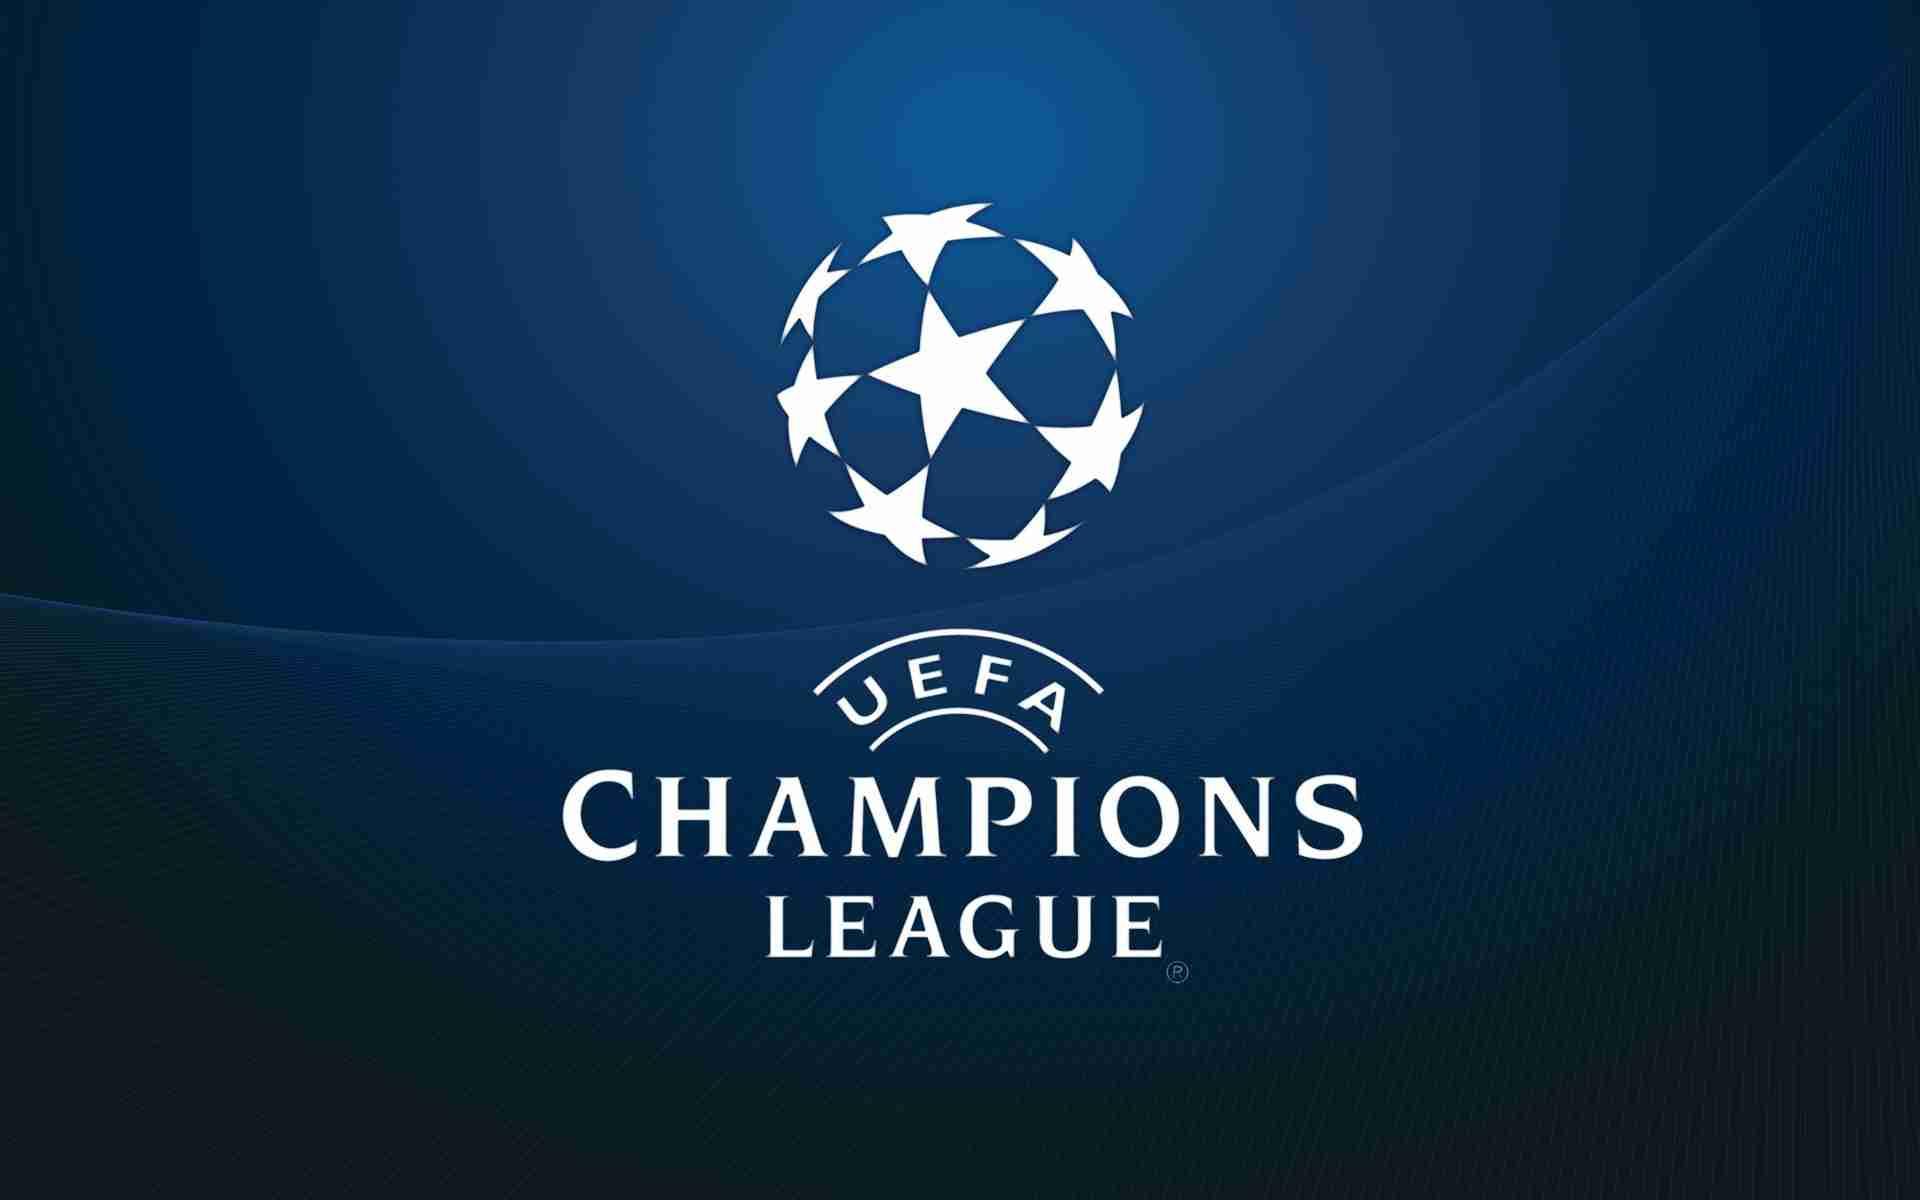 Футбол уефа чемпионат лига чемпионов